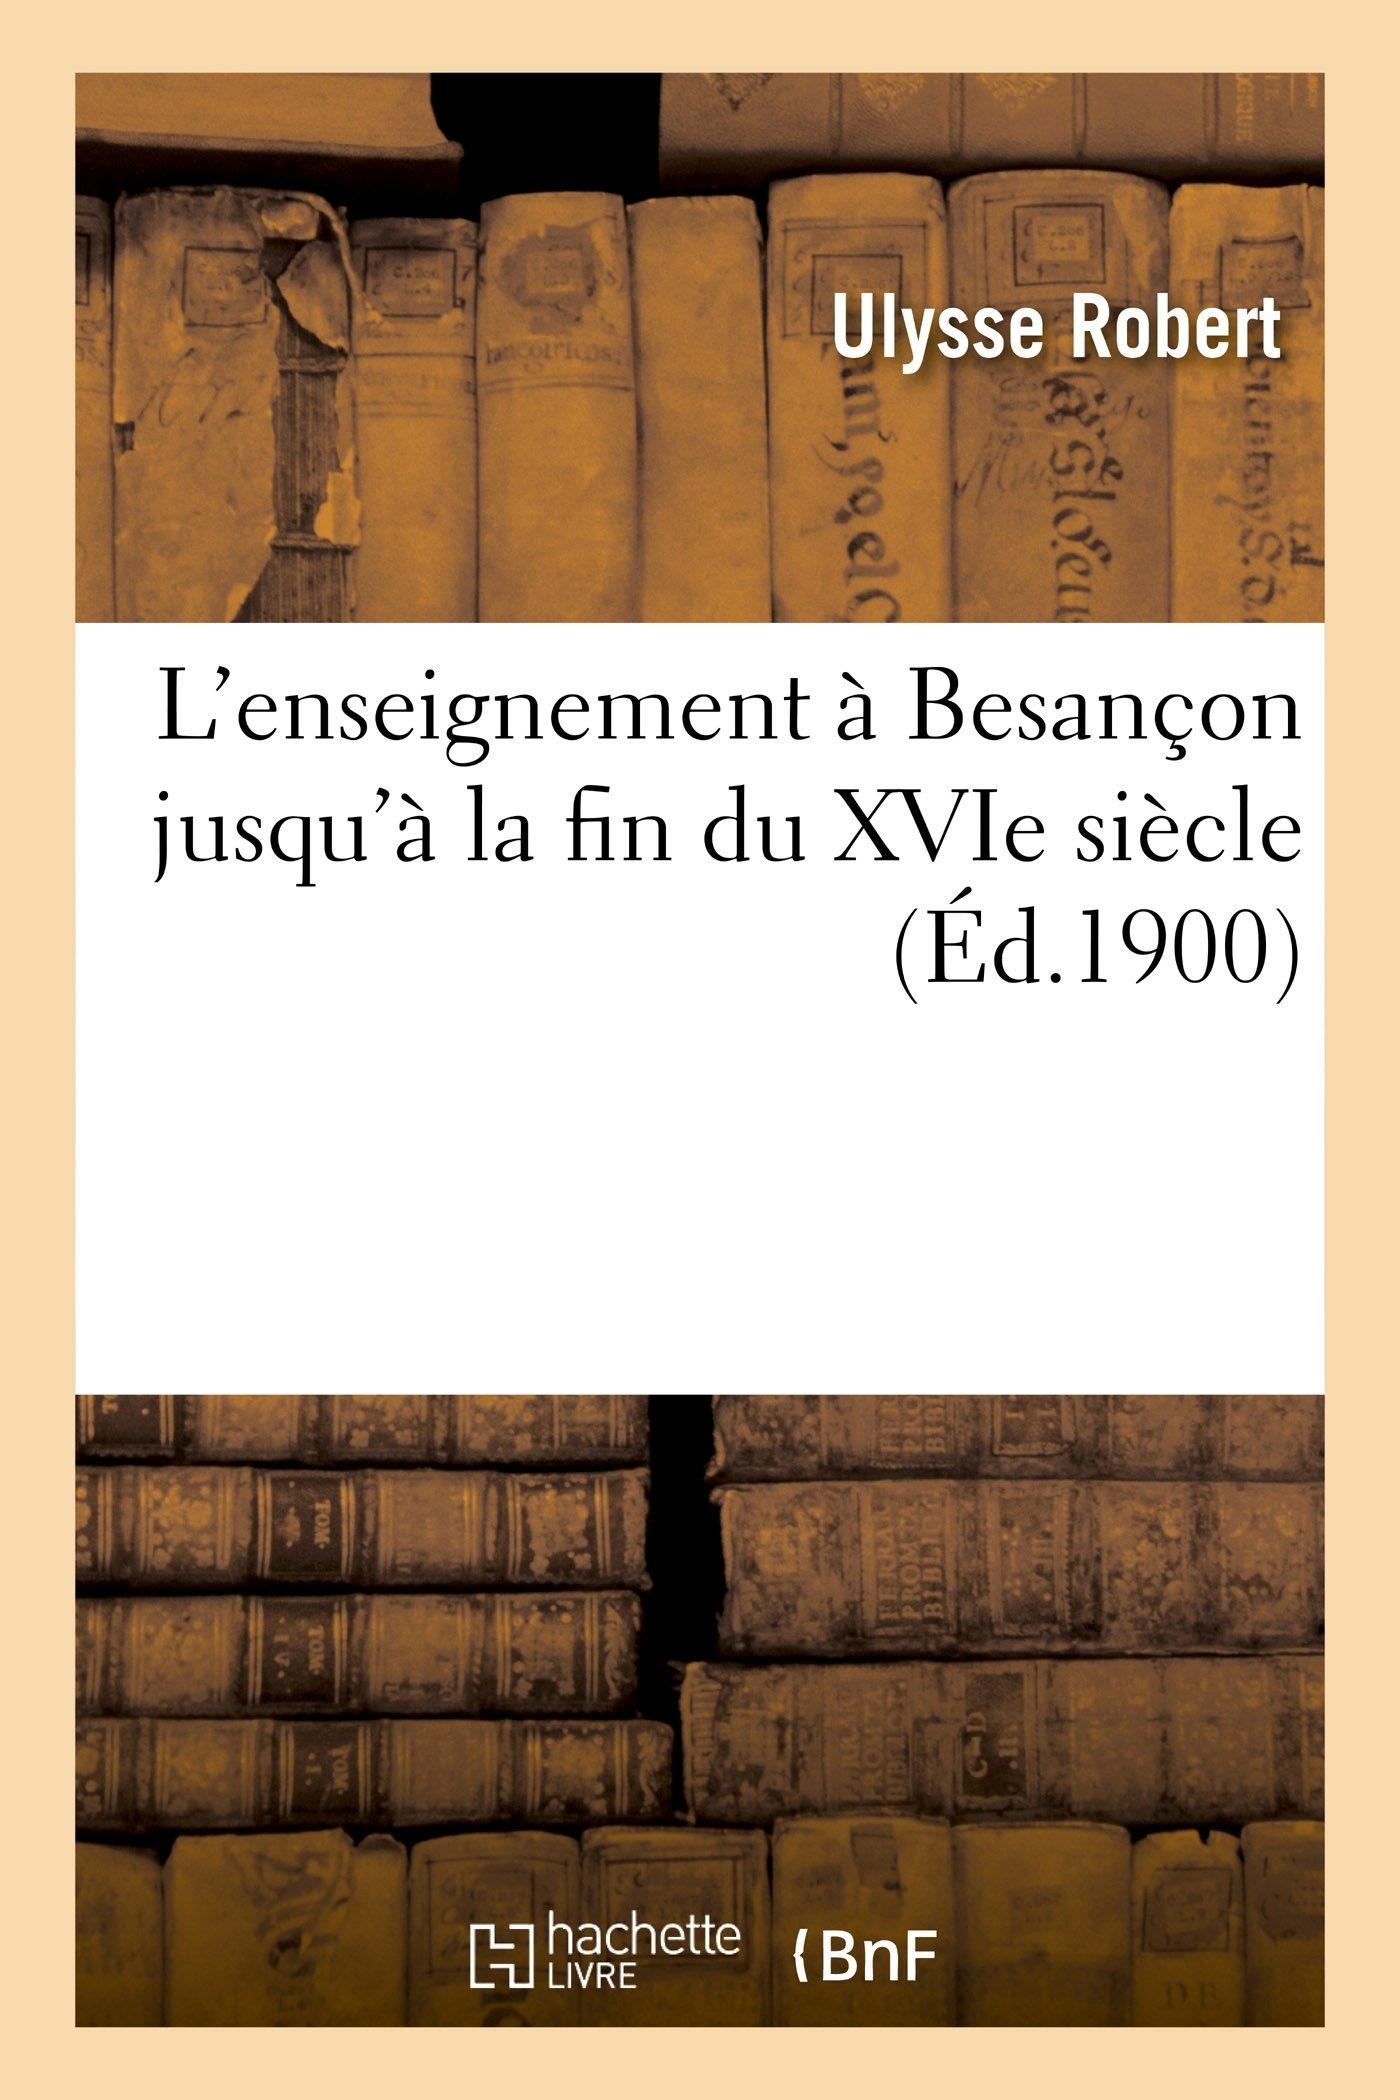 L'enseignement à Besançon jusqu'à la fin du XVIe siècle (Histoire) (French Edition) ebook